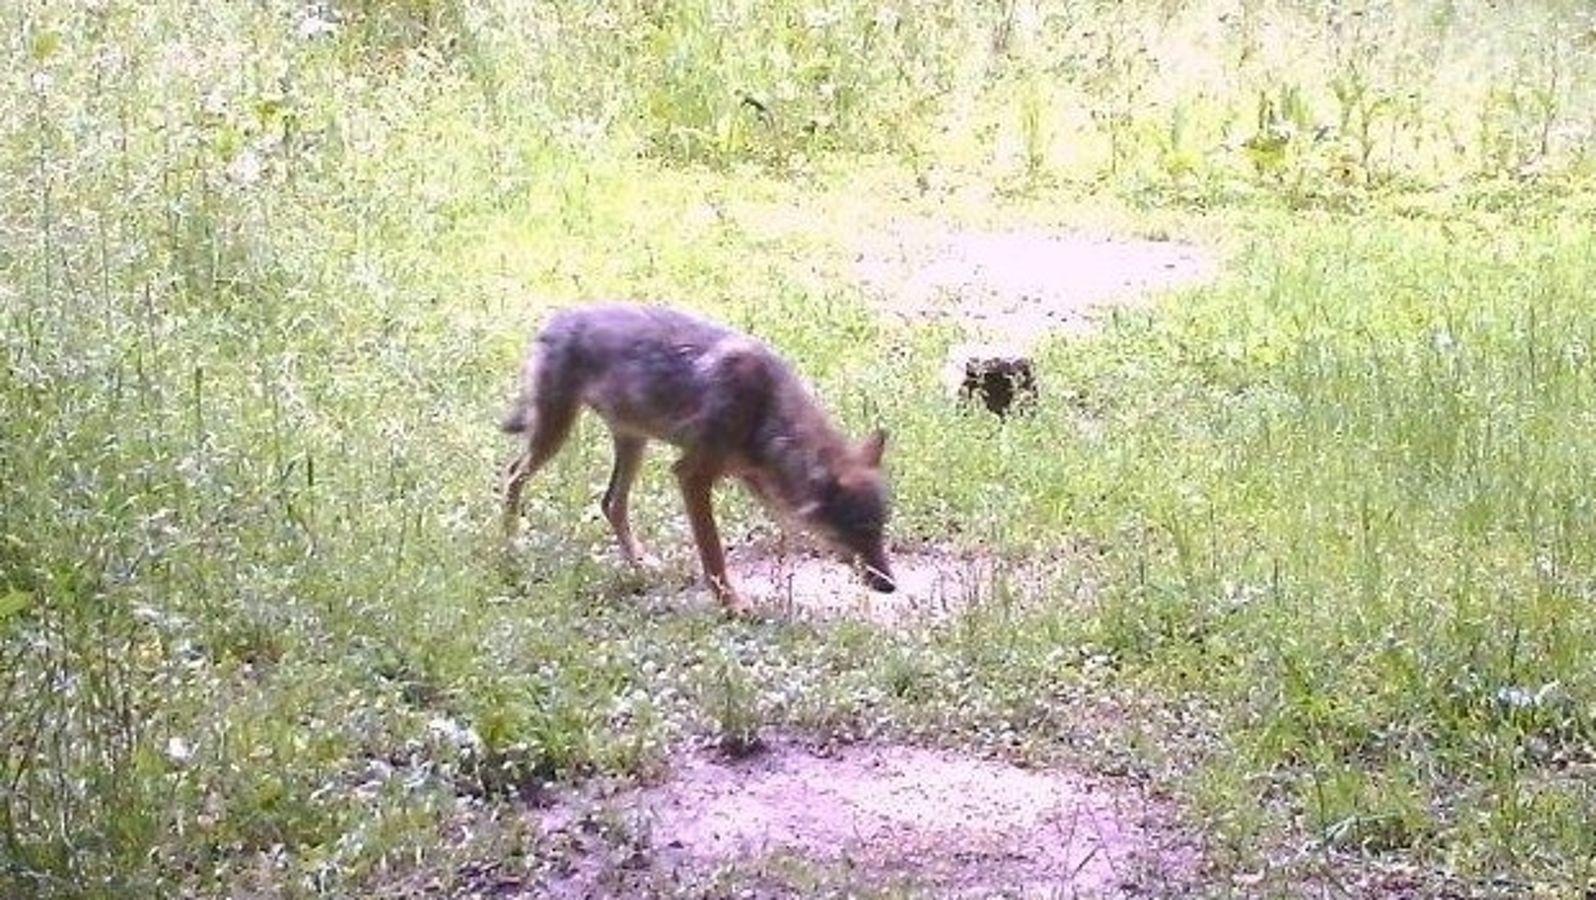 Wölfe in Oberbayern? Herausforderung für den Herdenschutz